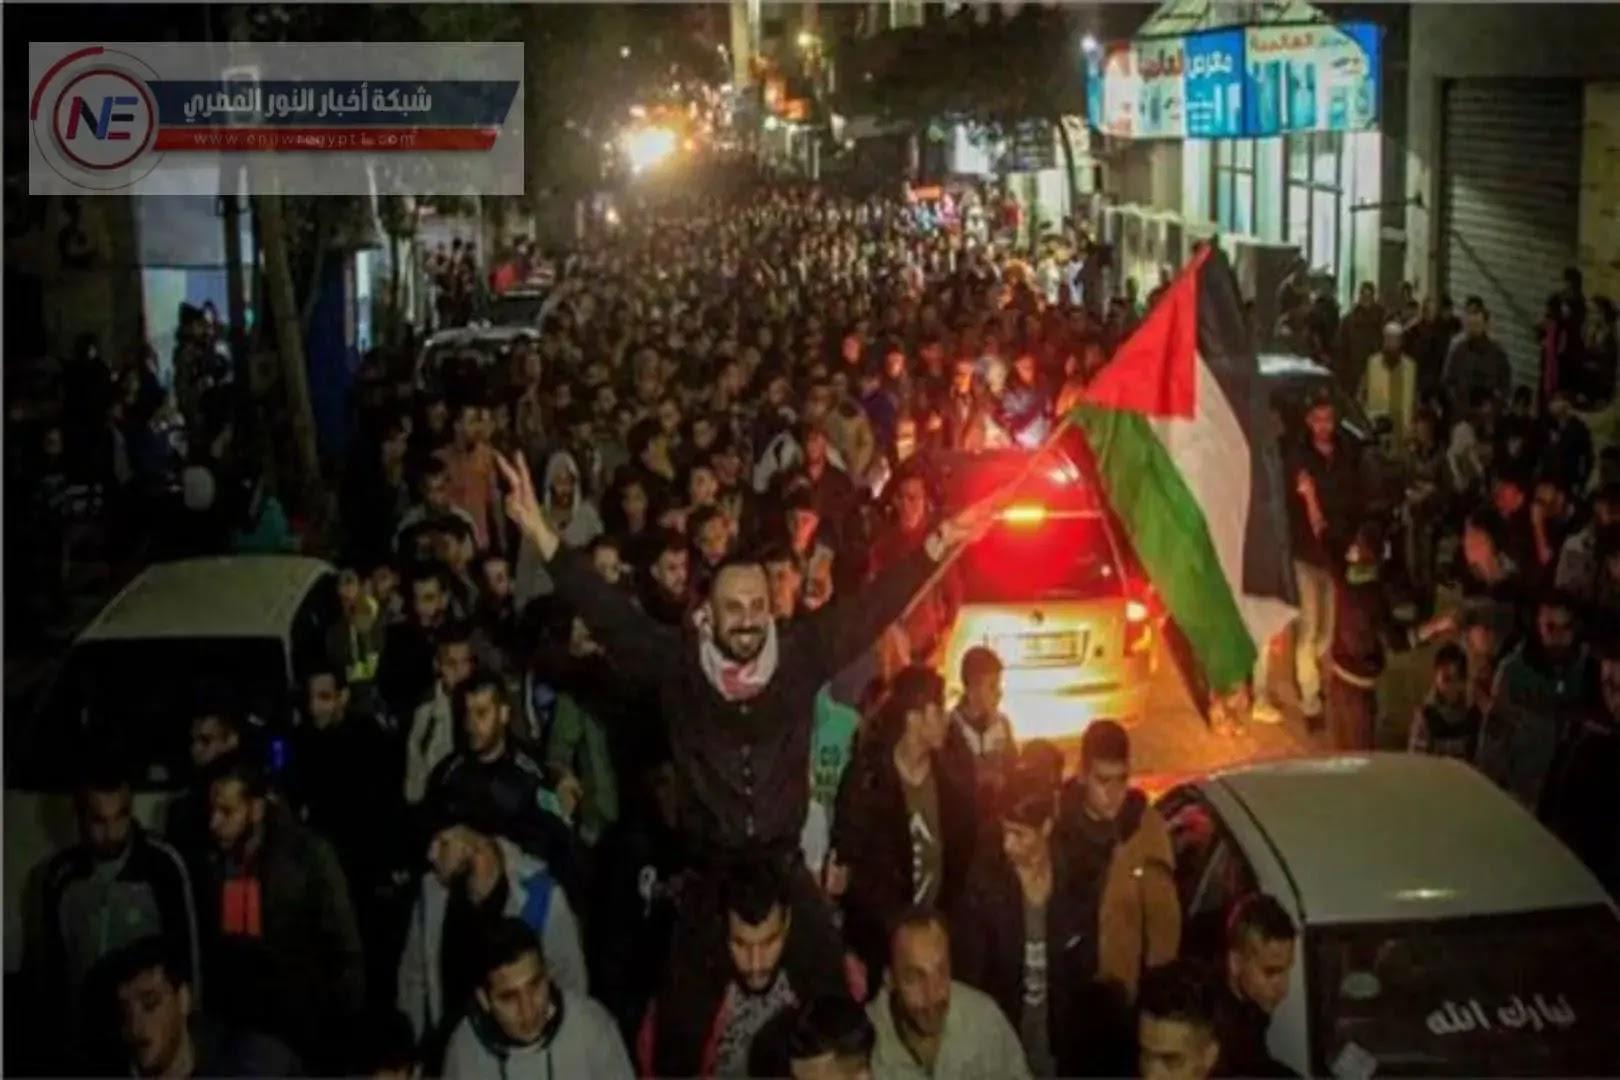 خبر عاجل.. مباشر الان يوتيوب بدء سريان وقف إطلاق النار بين الفلسطينيين والإسرائيليين برعاية مصرية